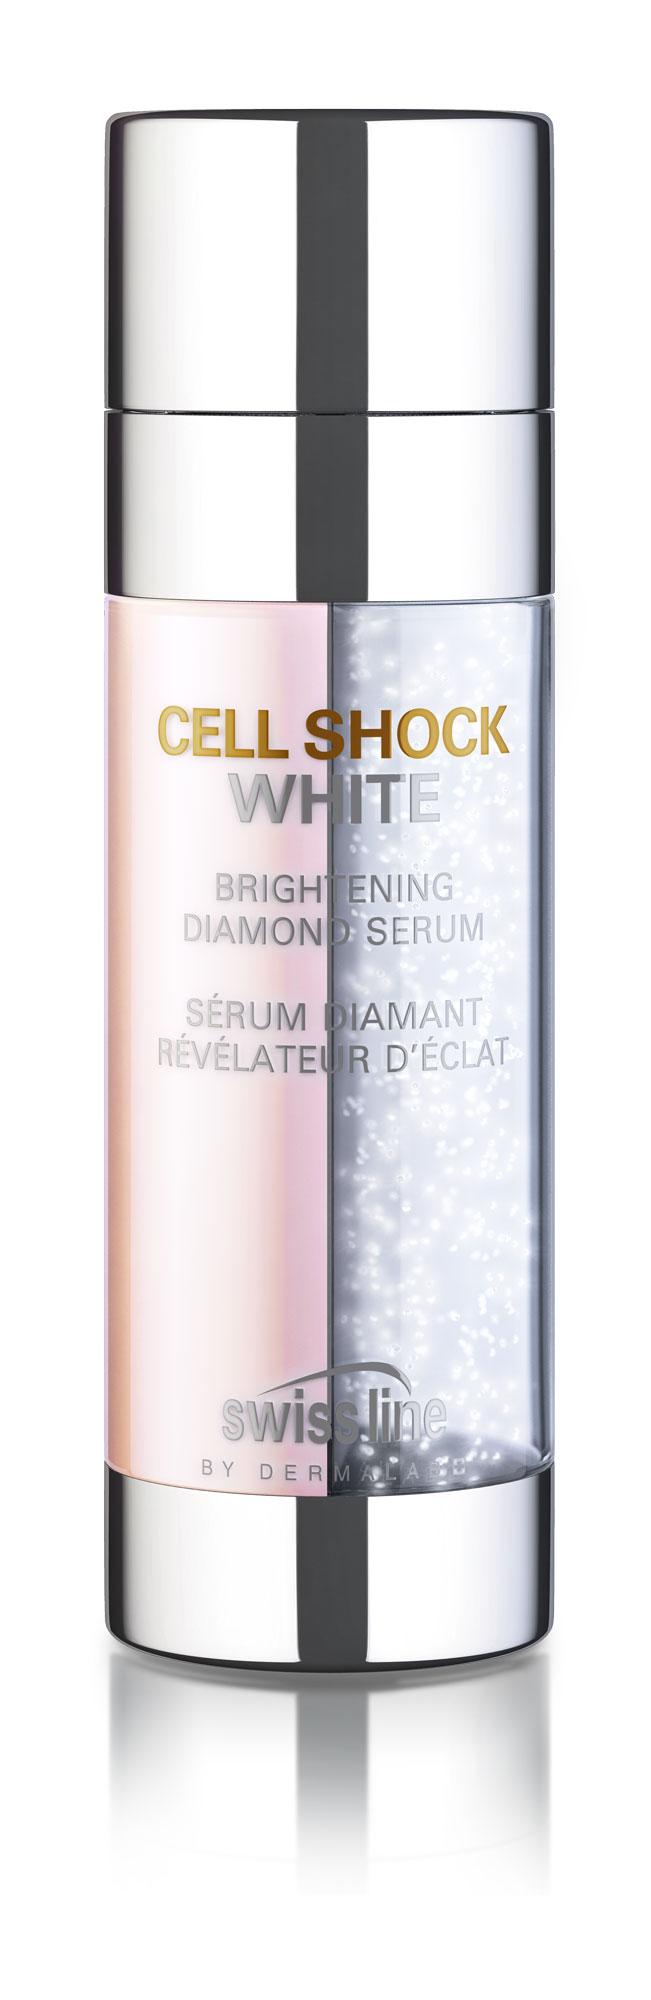 SWISS LINE Сыворотка осветляющая Алмазная / CELL SHOCK WHITE HD Brightening Diamond Serum 40 мл